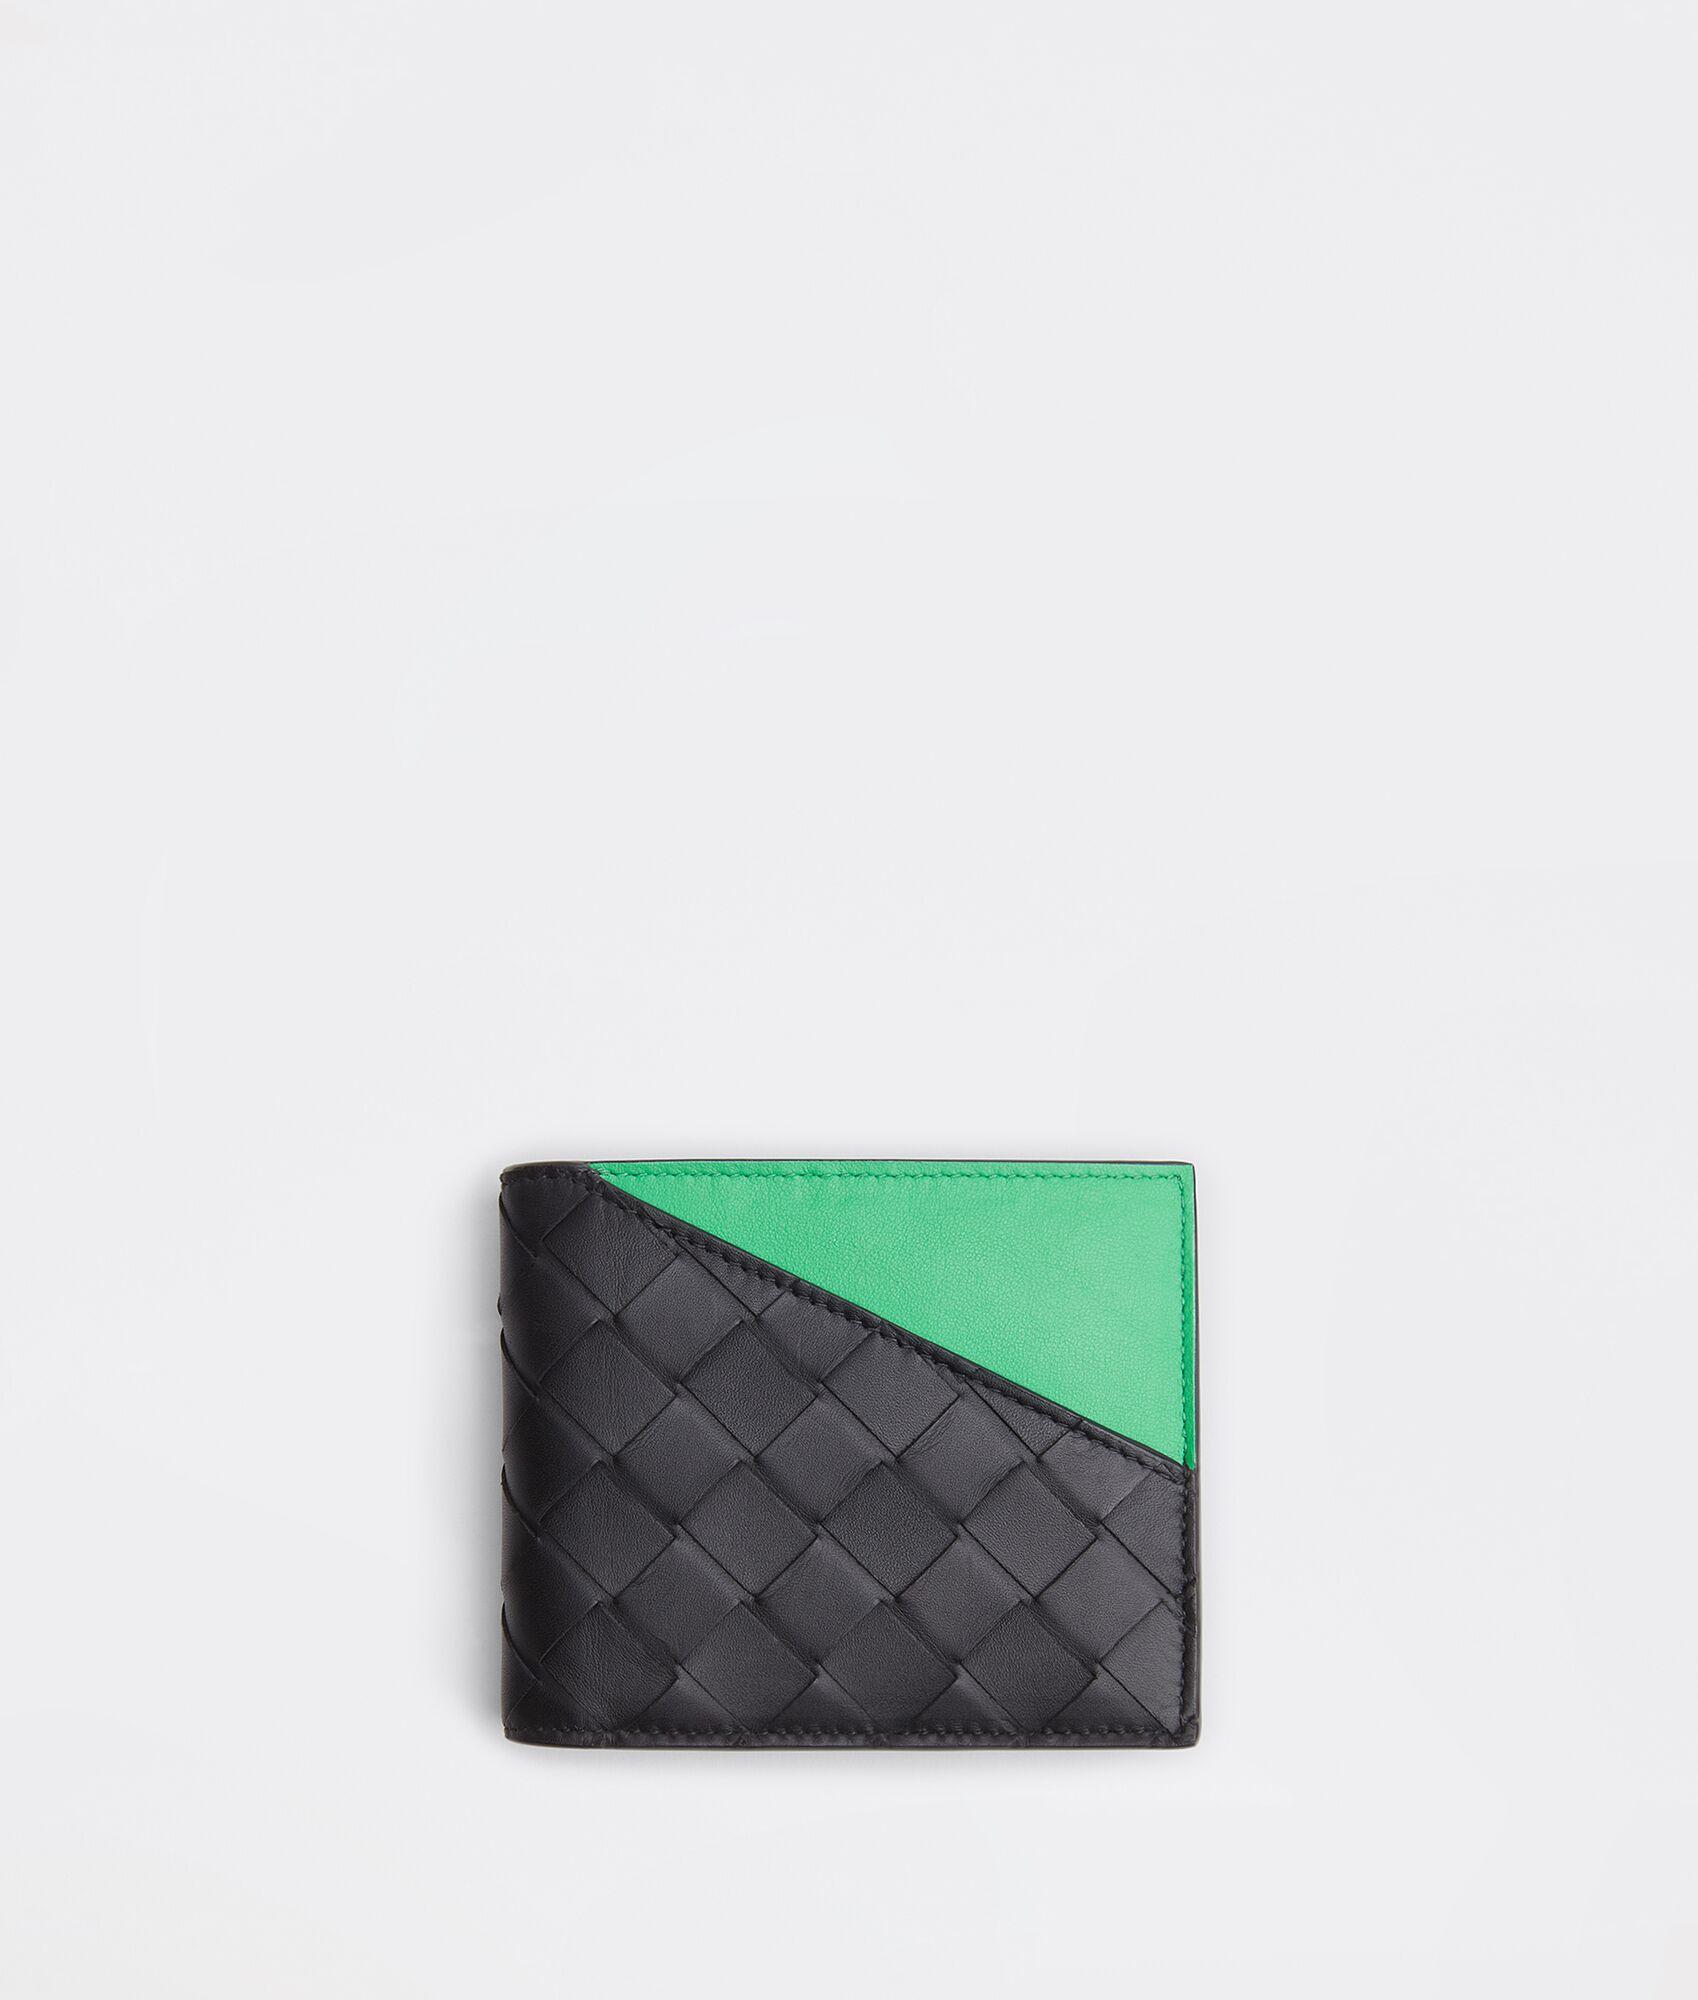 人気ブランドのメンズ財布のボッテガヴェネタ コインパース付き二つ折りウォレット